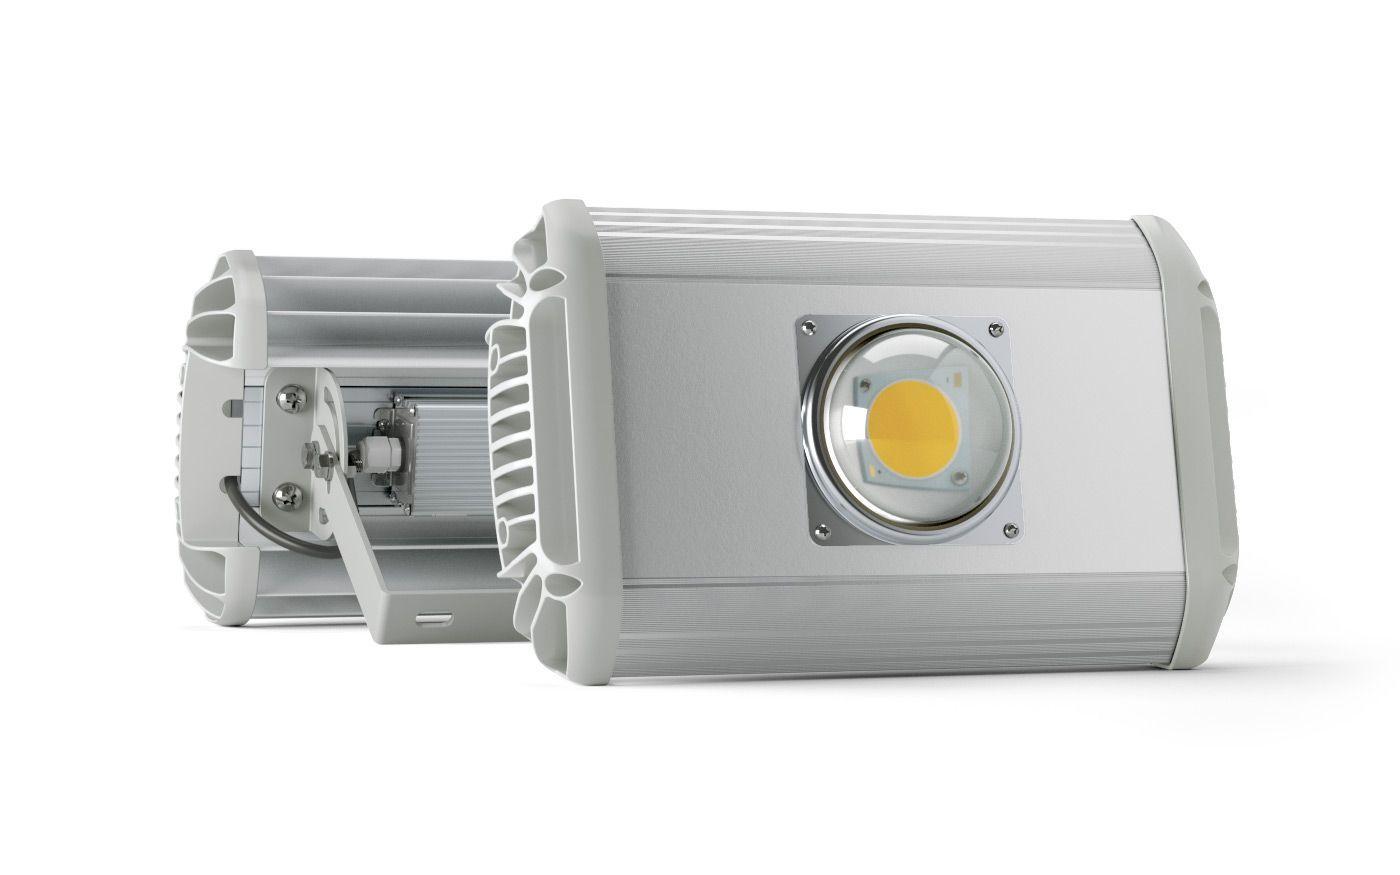 Промышленный светильник UniLED ECO-MP 70W, 70Вт, 8050лм, 5000К,  220VAC, IP65